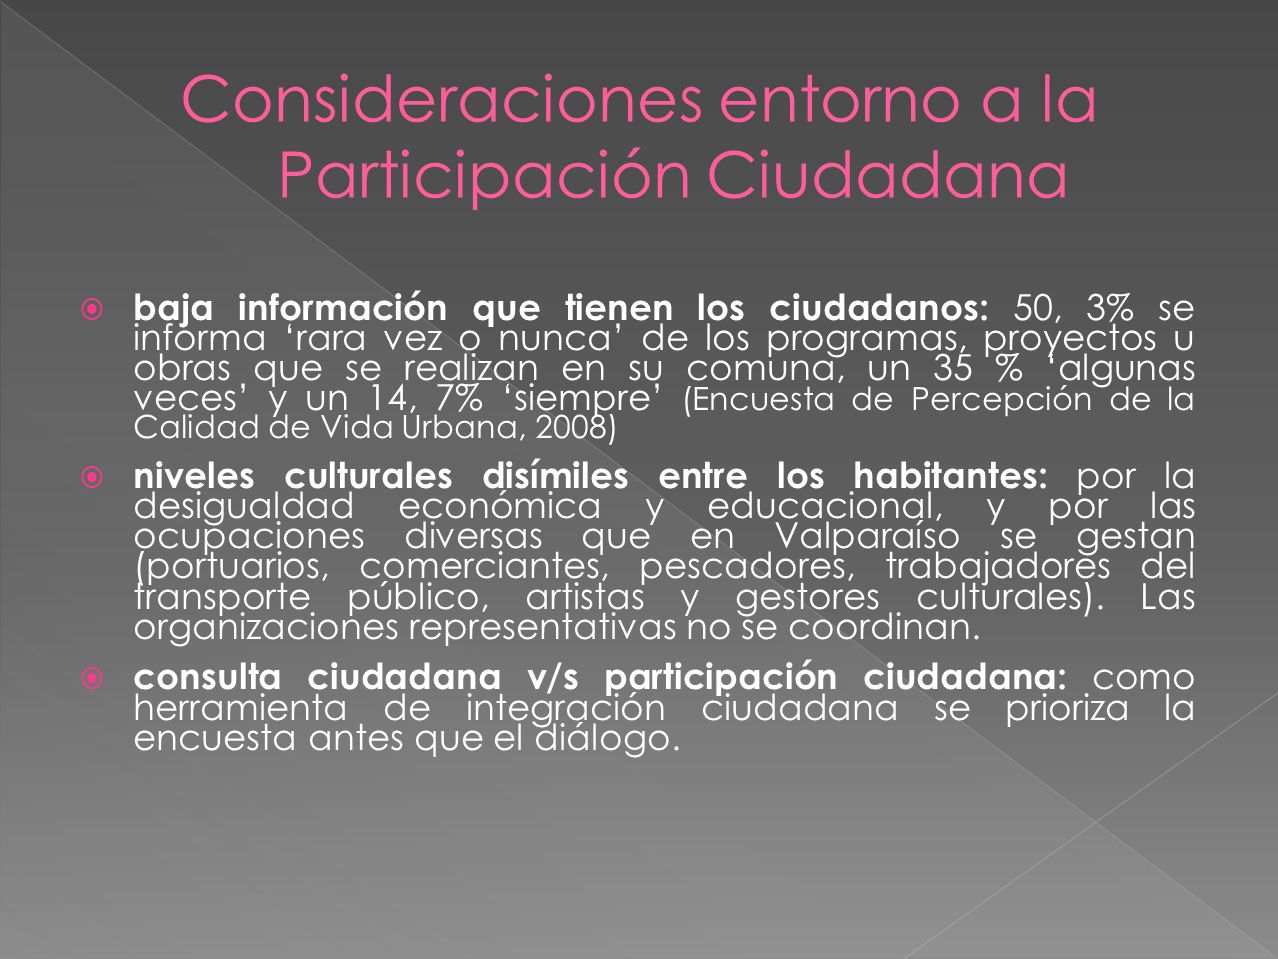 Consideraciones entorno a la Participación Ciudadana